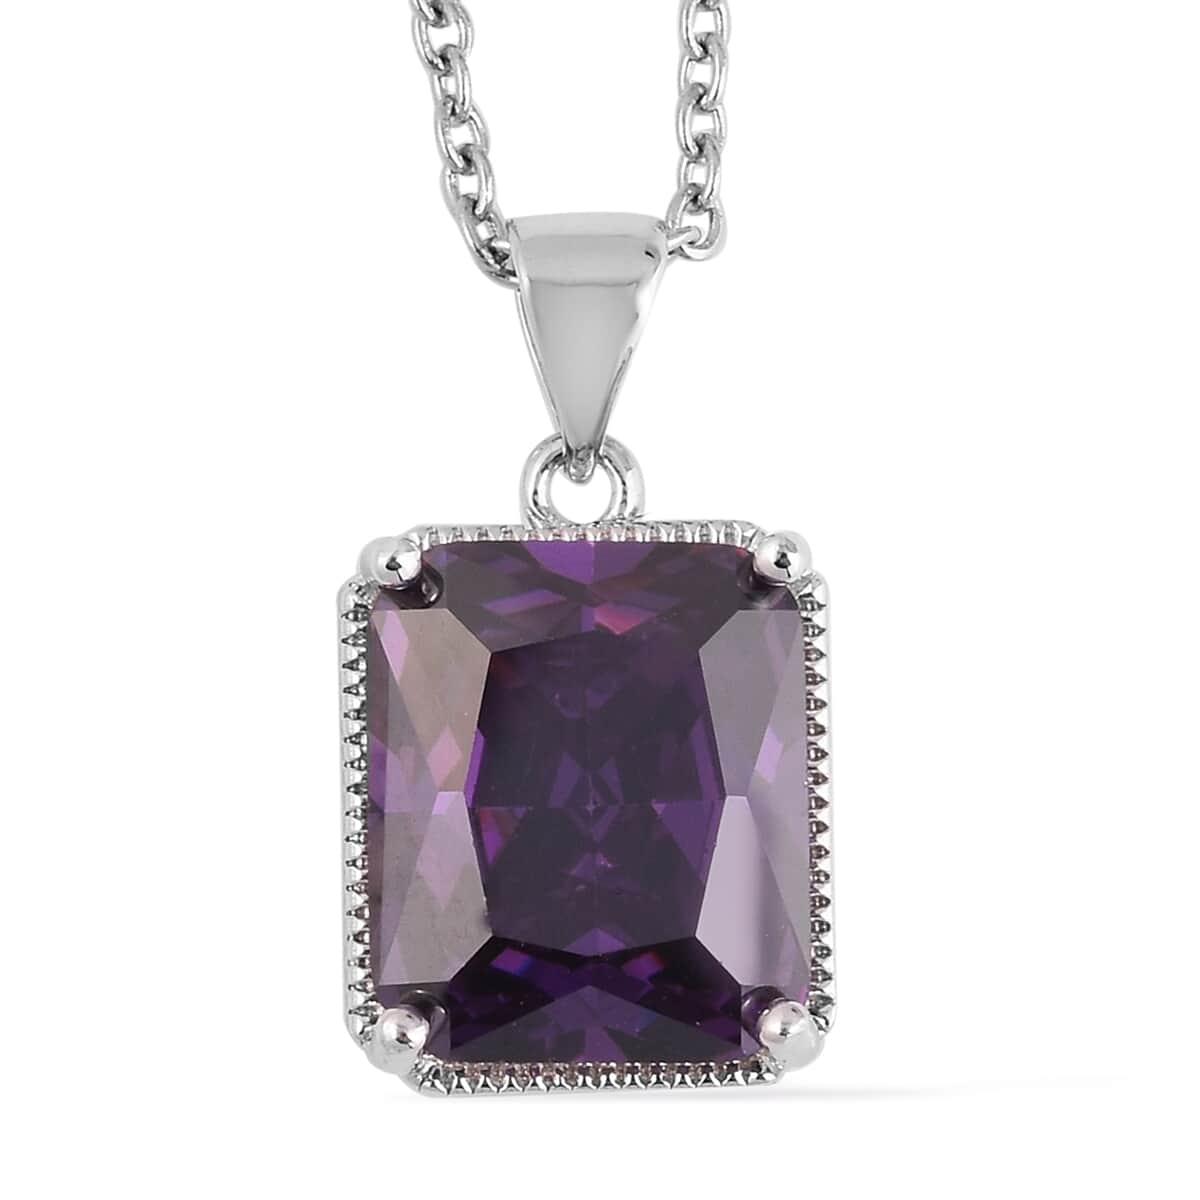 12-Color-Options-Cubic-Zirconia-Bracelet-Chain-Pendant-Necklace-Set-Adjustable thumbnail 75